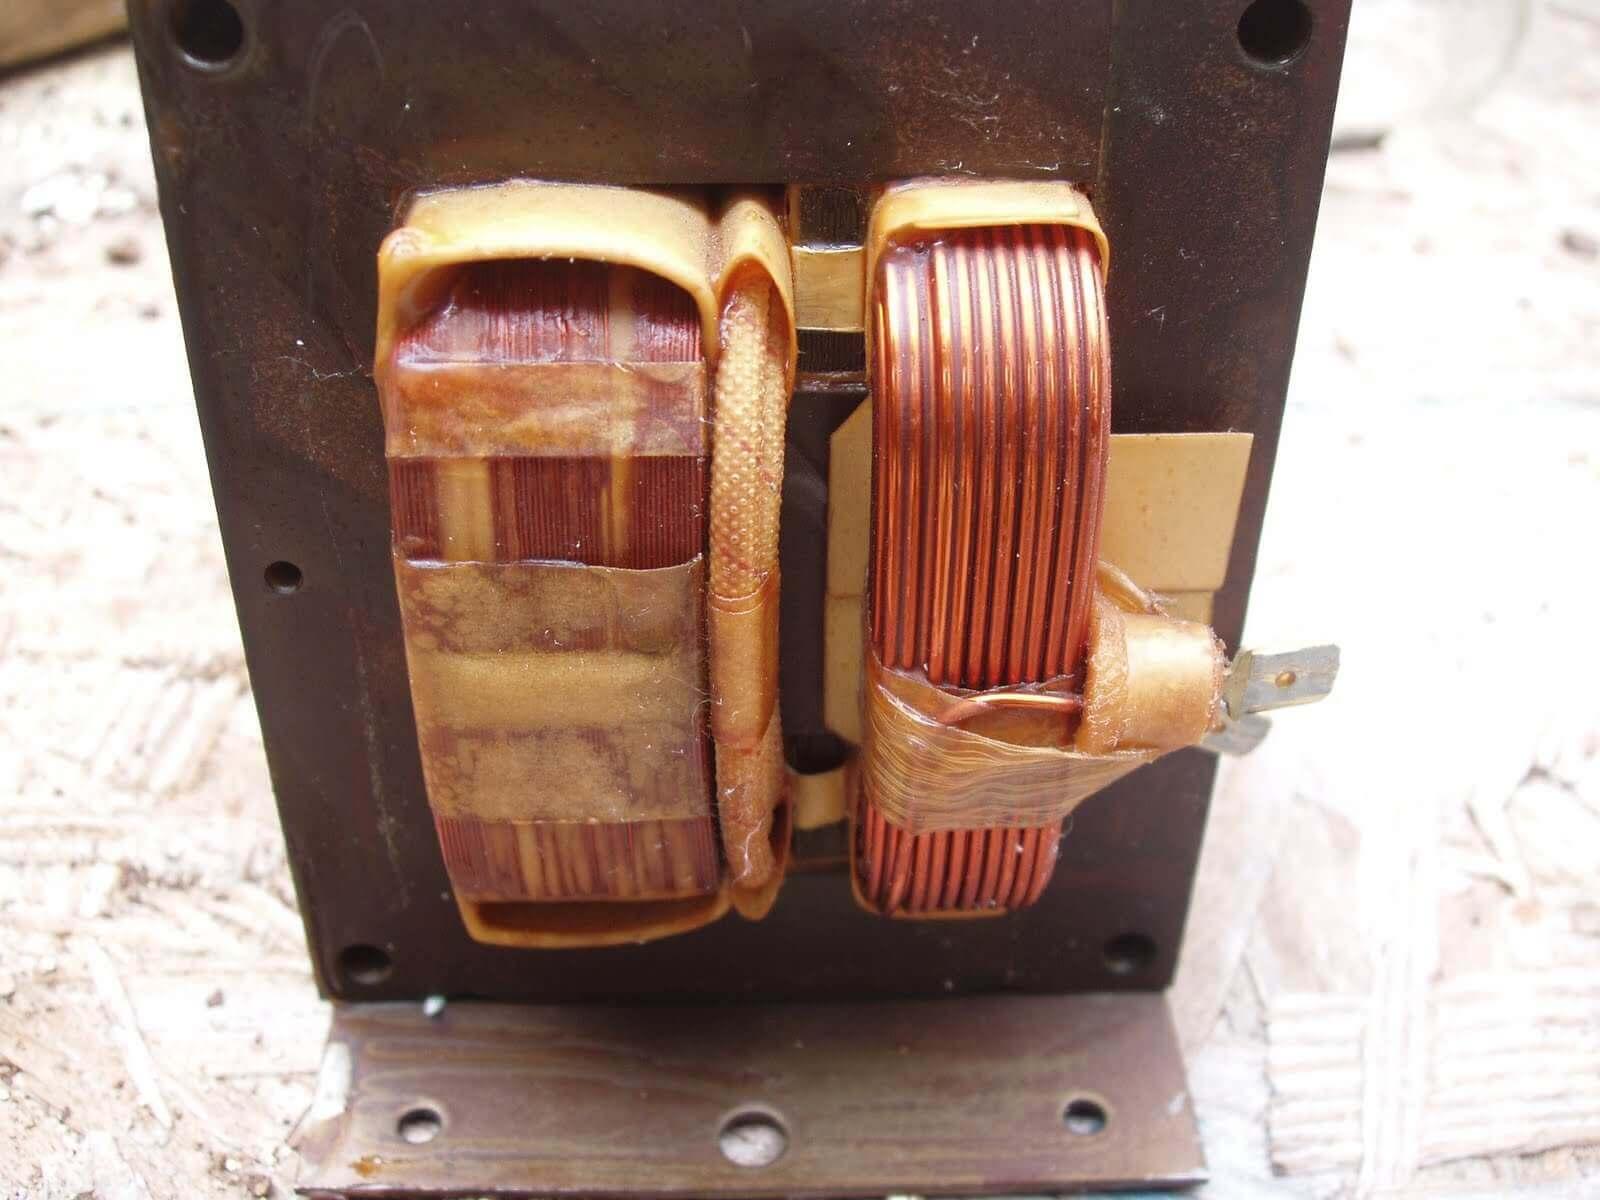 Ремонт понижающего трансформатора своими руками